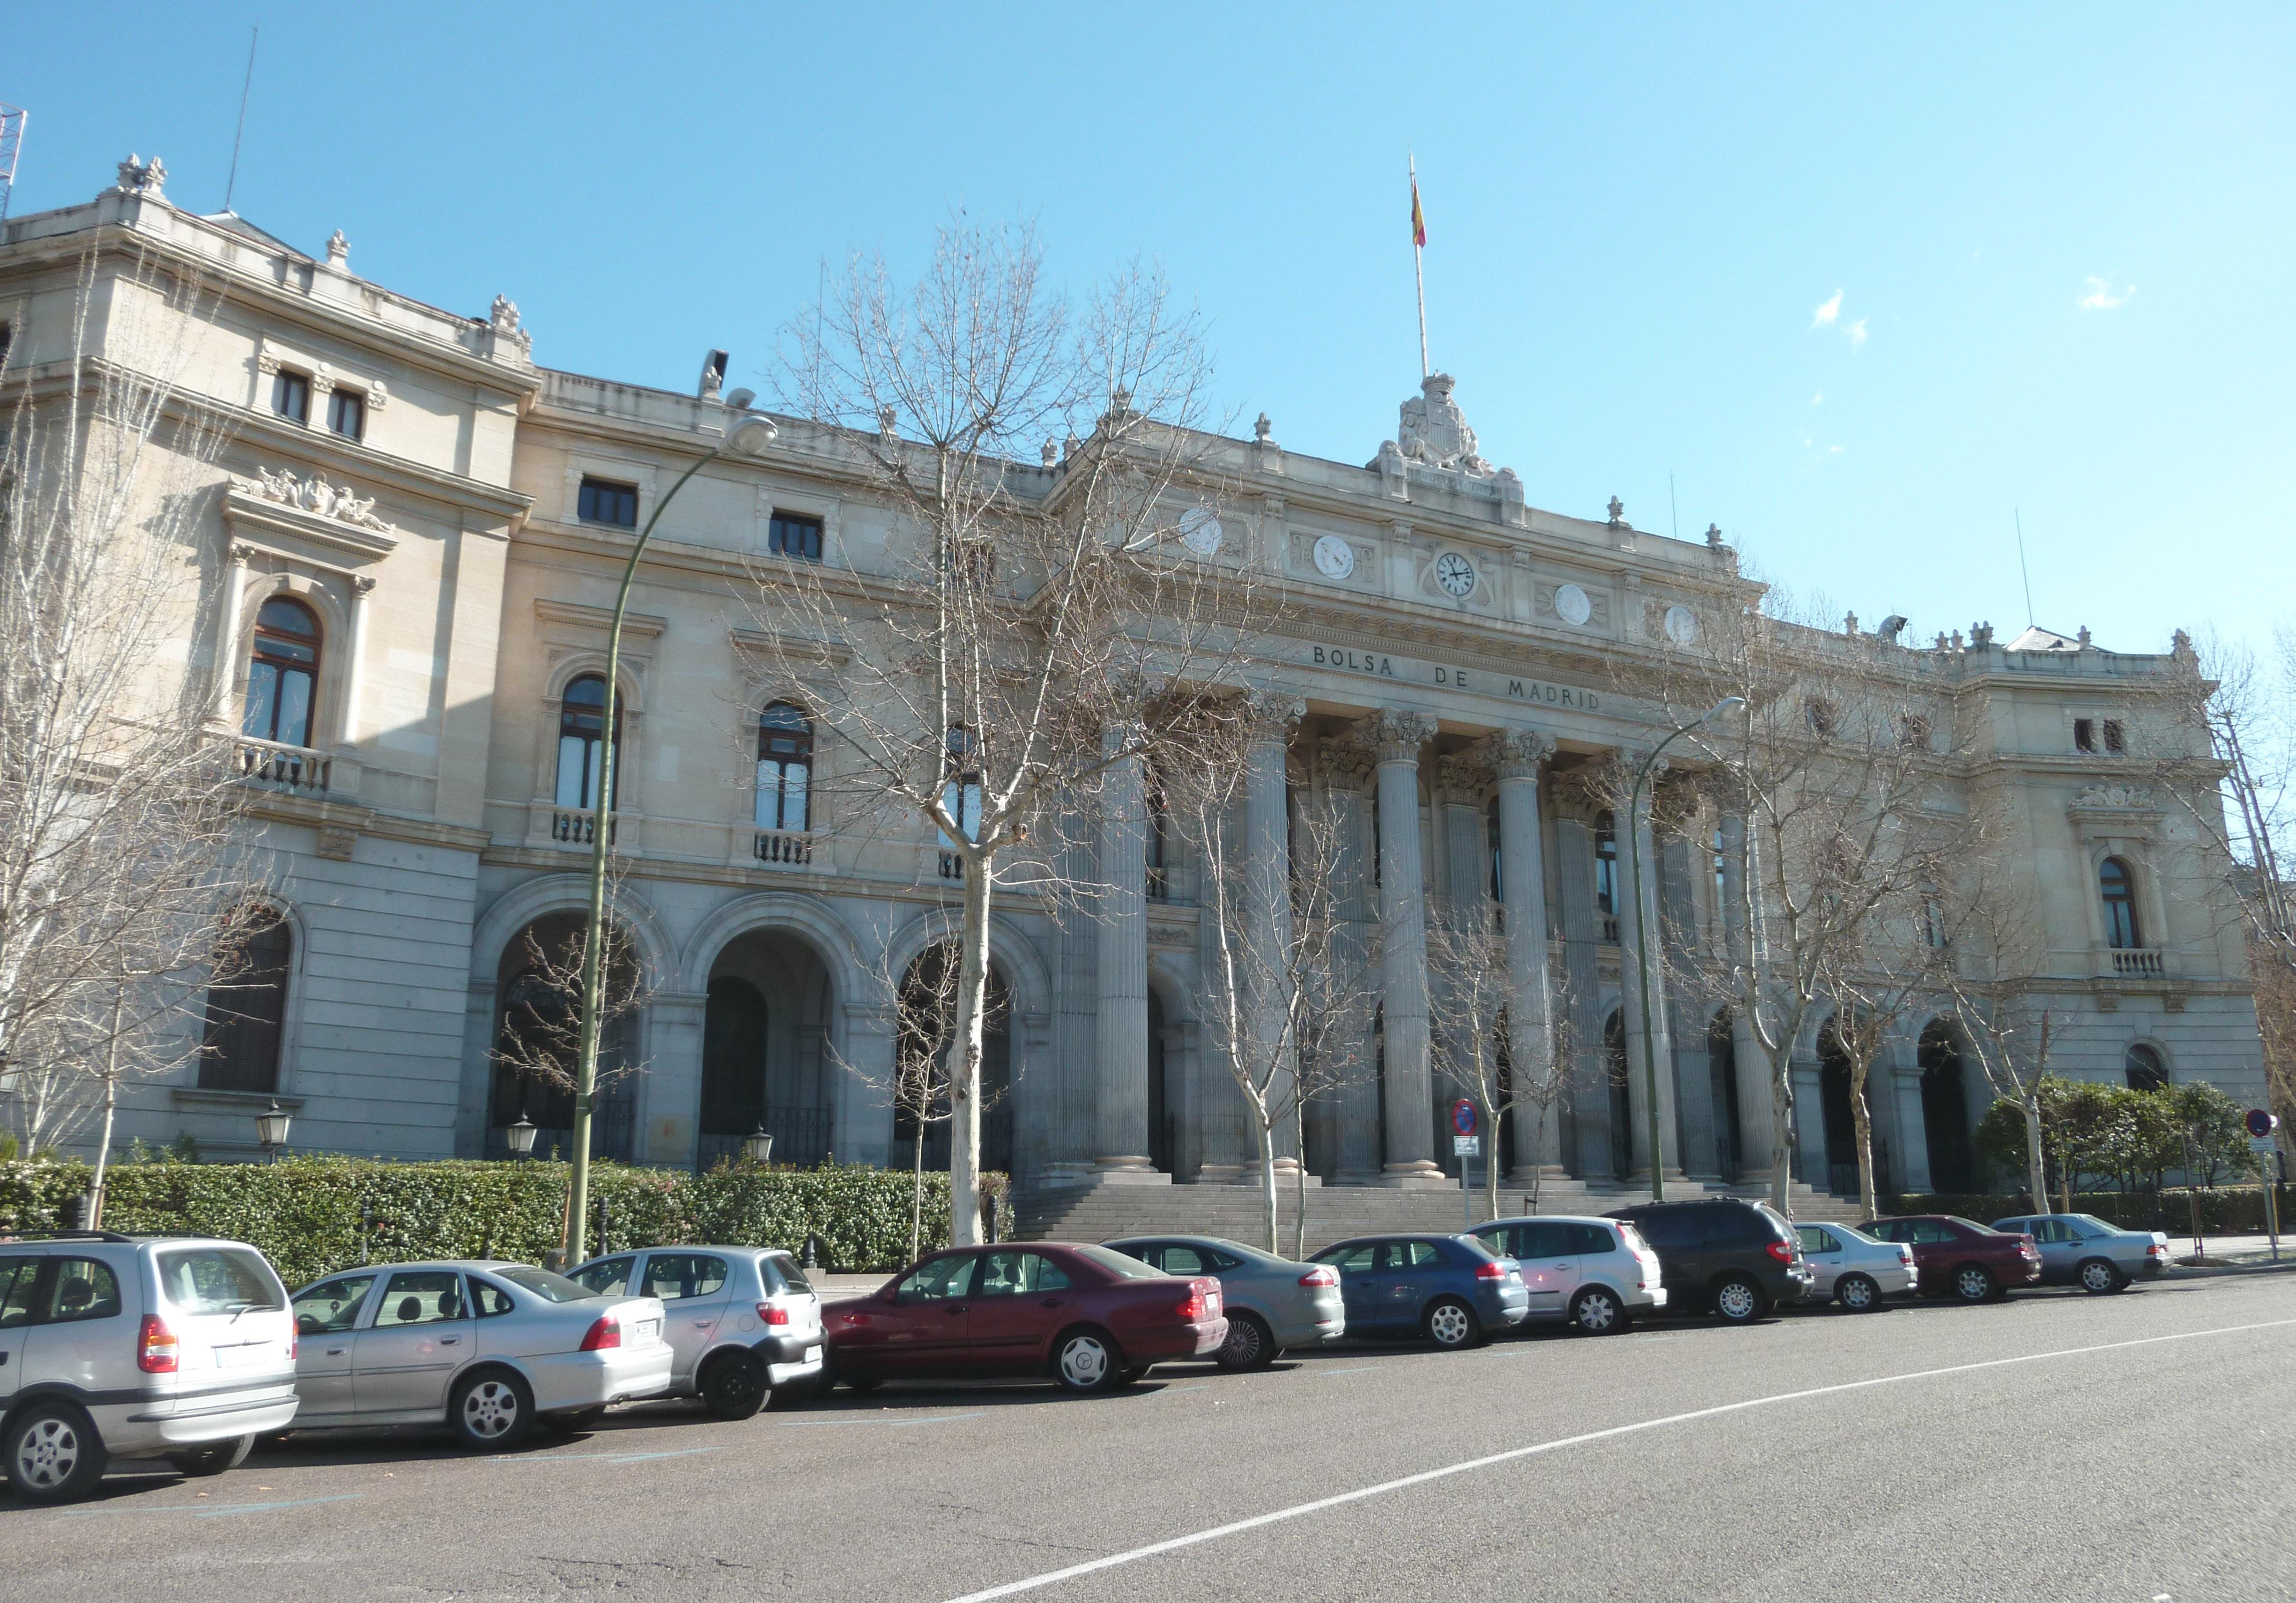 File:Palacio de la Bolsa de Madrid (España) 02.jpg - Wikimedia Commons